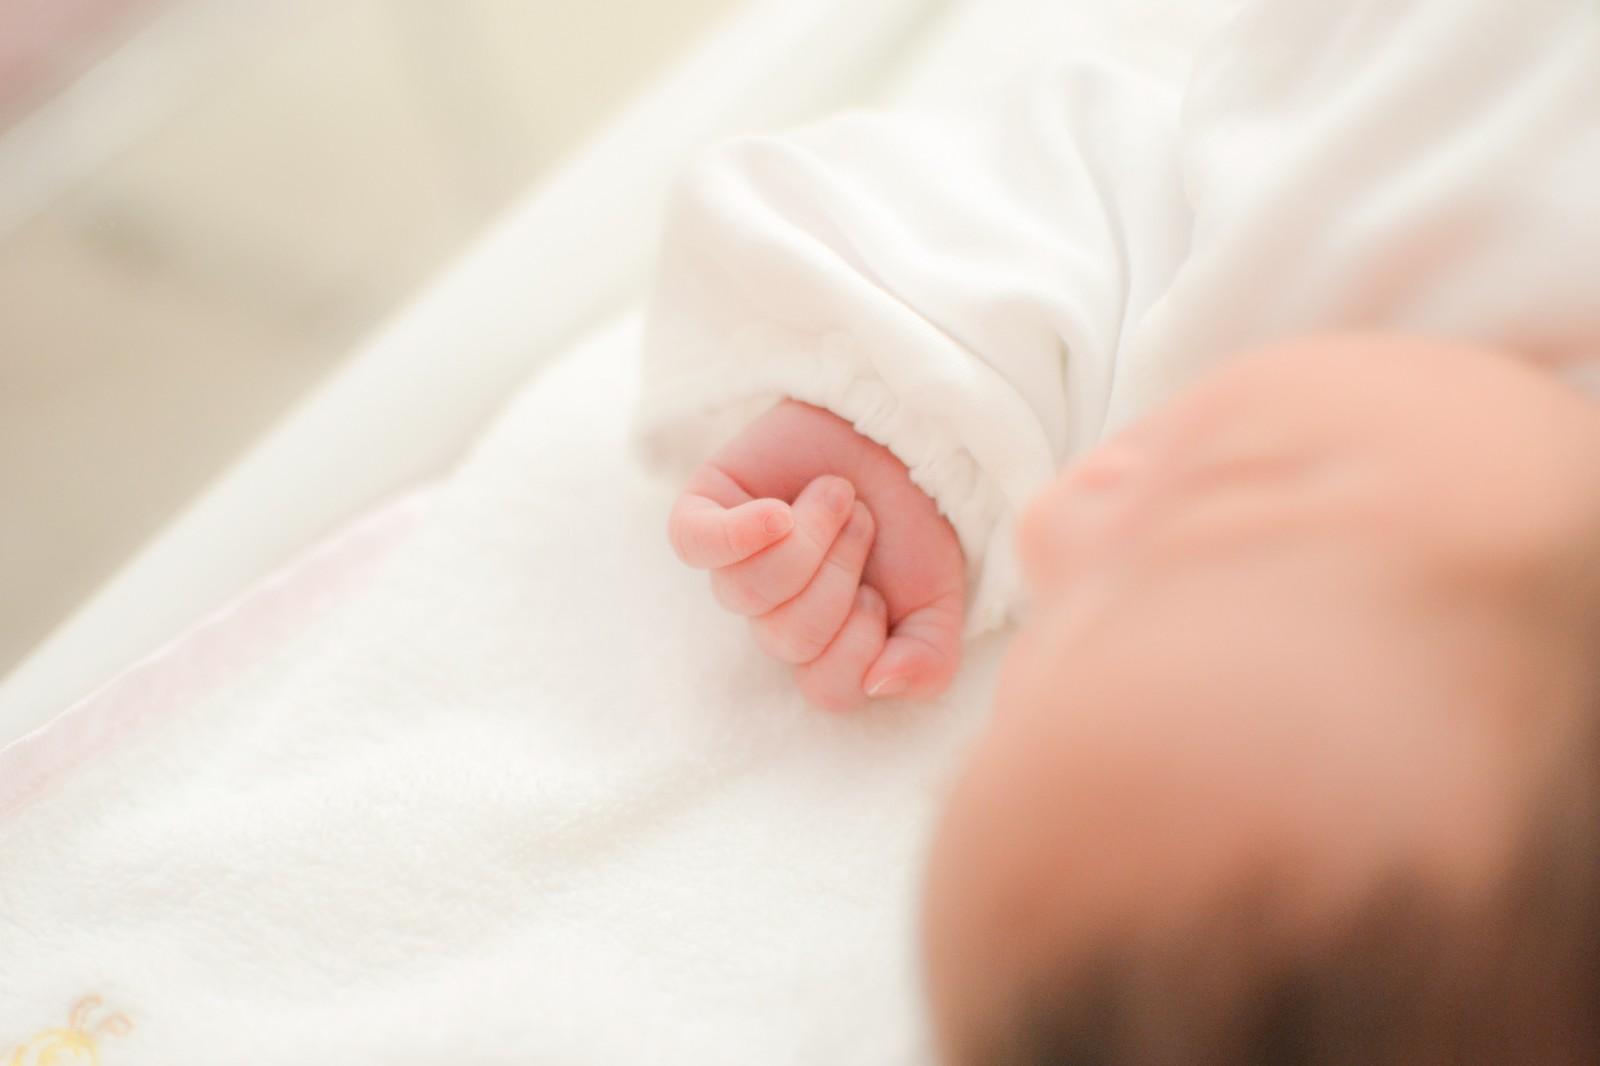 【生後1ヵ月】赤ちゃんの成長と特徴